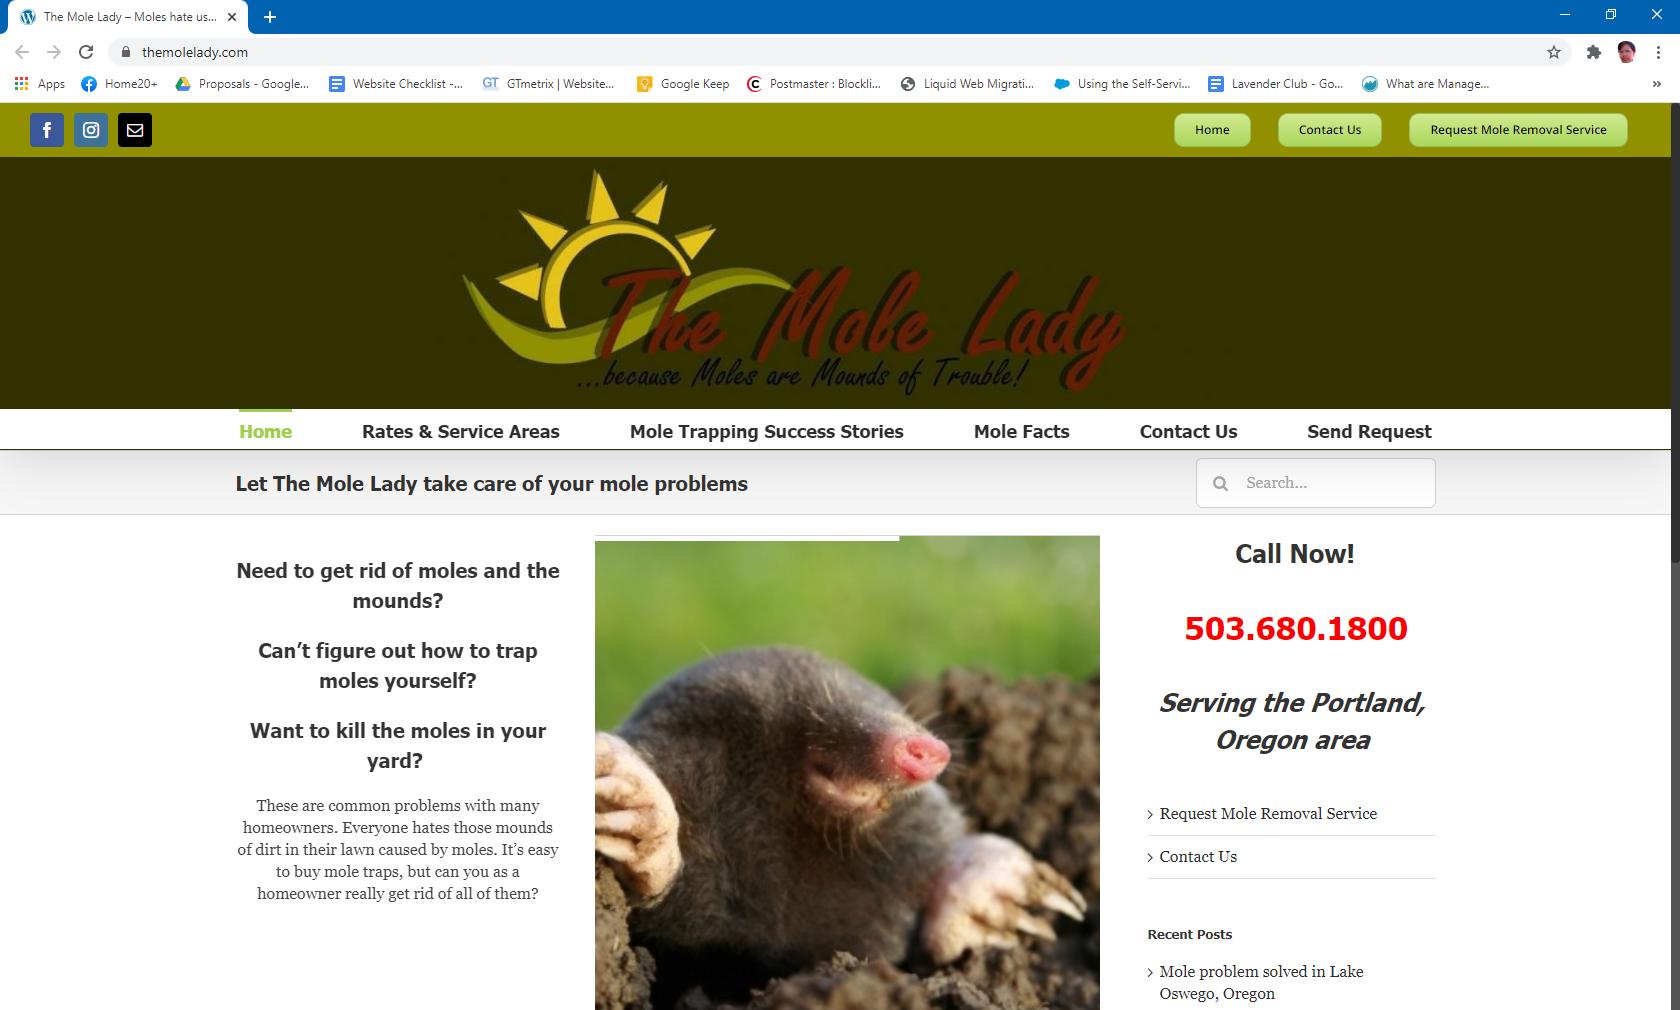 The Mole Lady